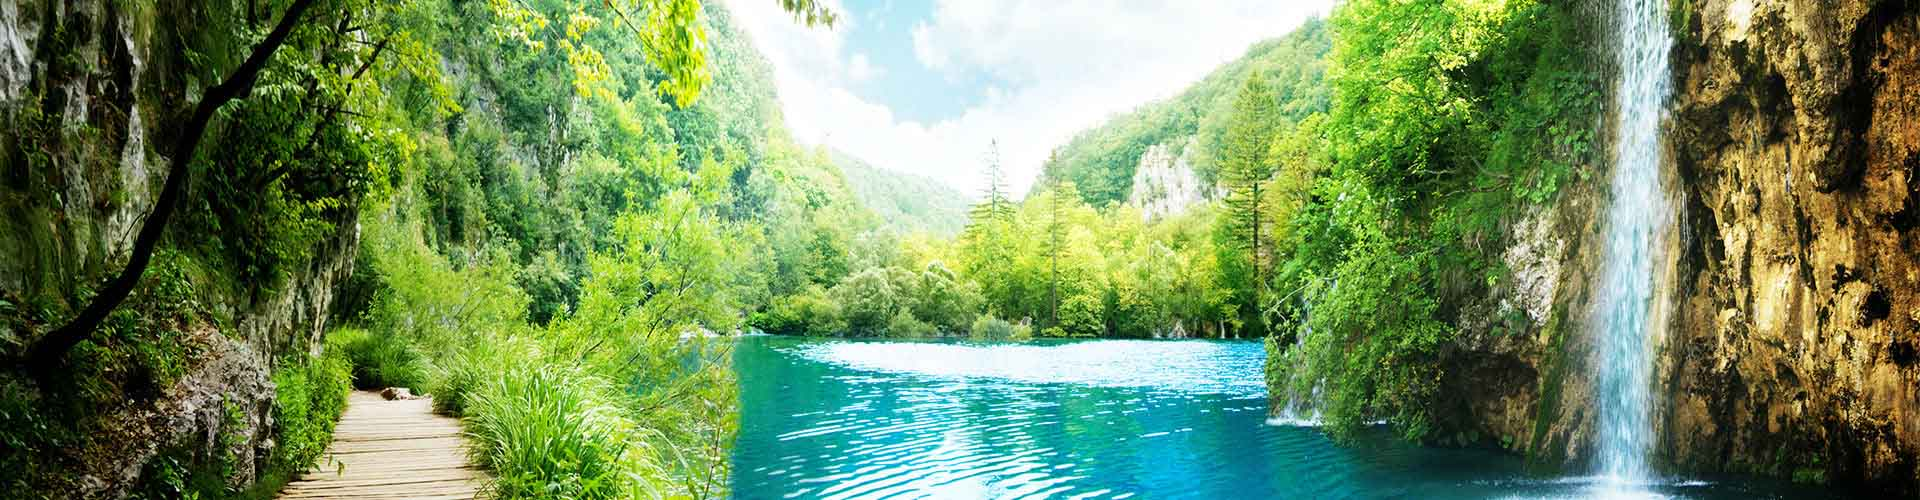 Plitvice Lakes - Auberges de jeunesse à Plitvice Lakes. Cartes pour Plitvice Lakes, photos et commentaires pour chaque auberge de jeunesse à Plitvice Lakes.